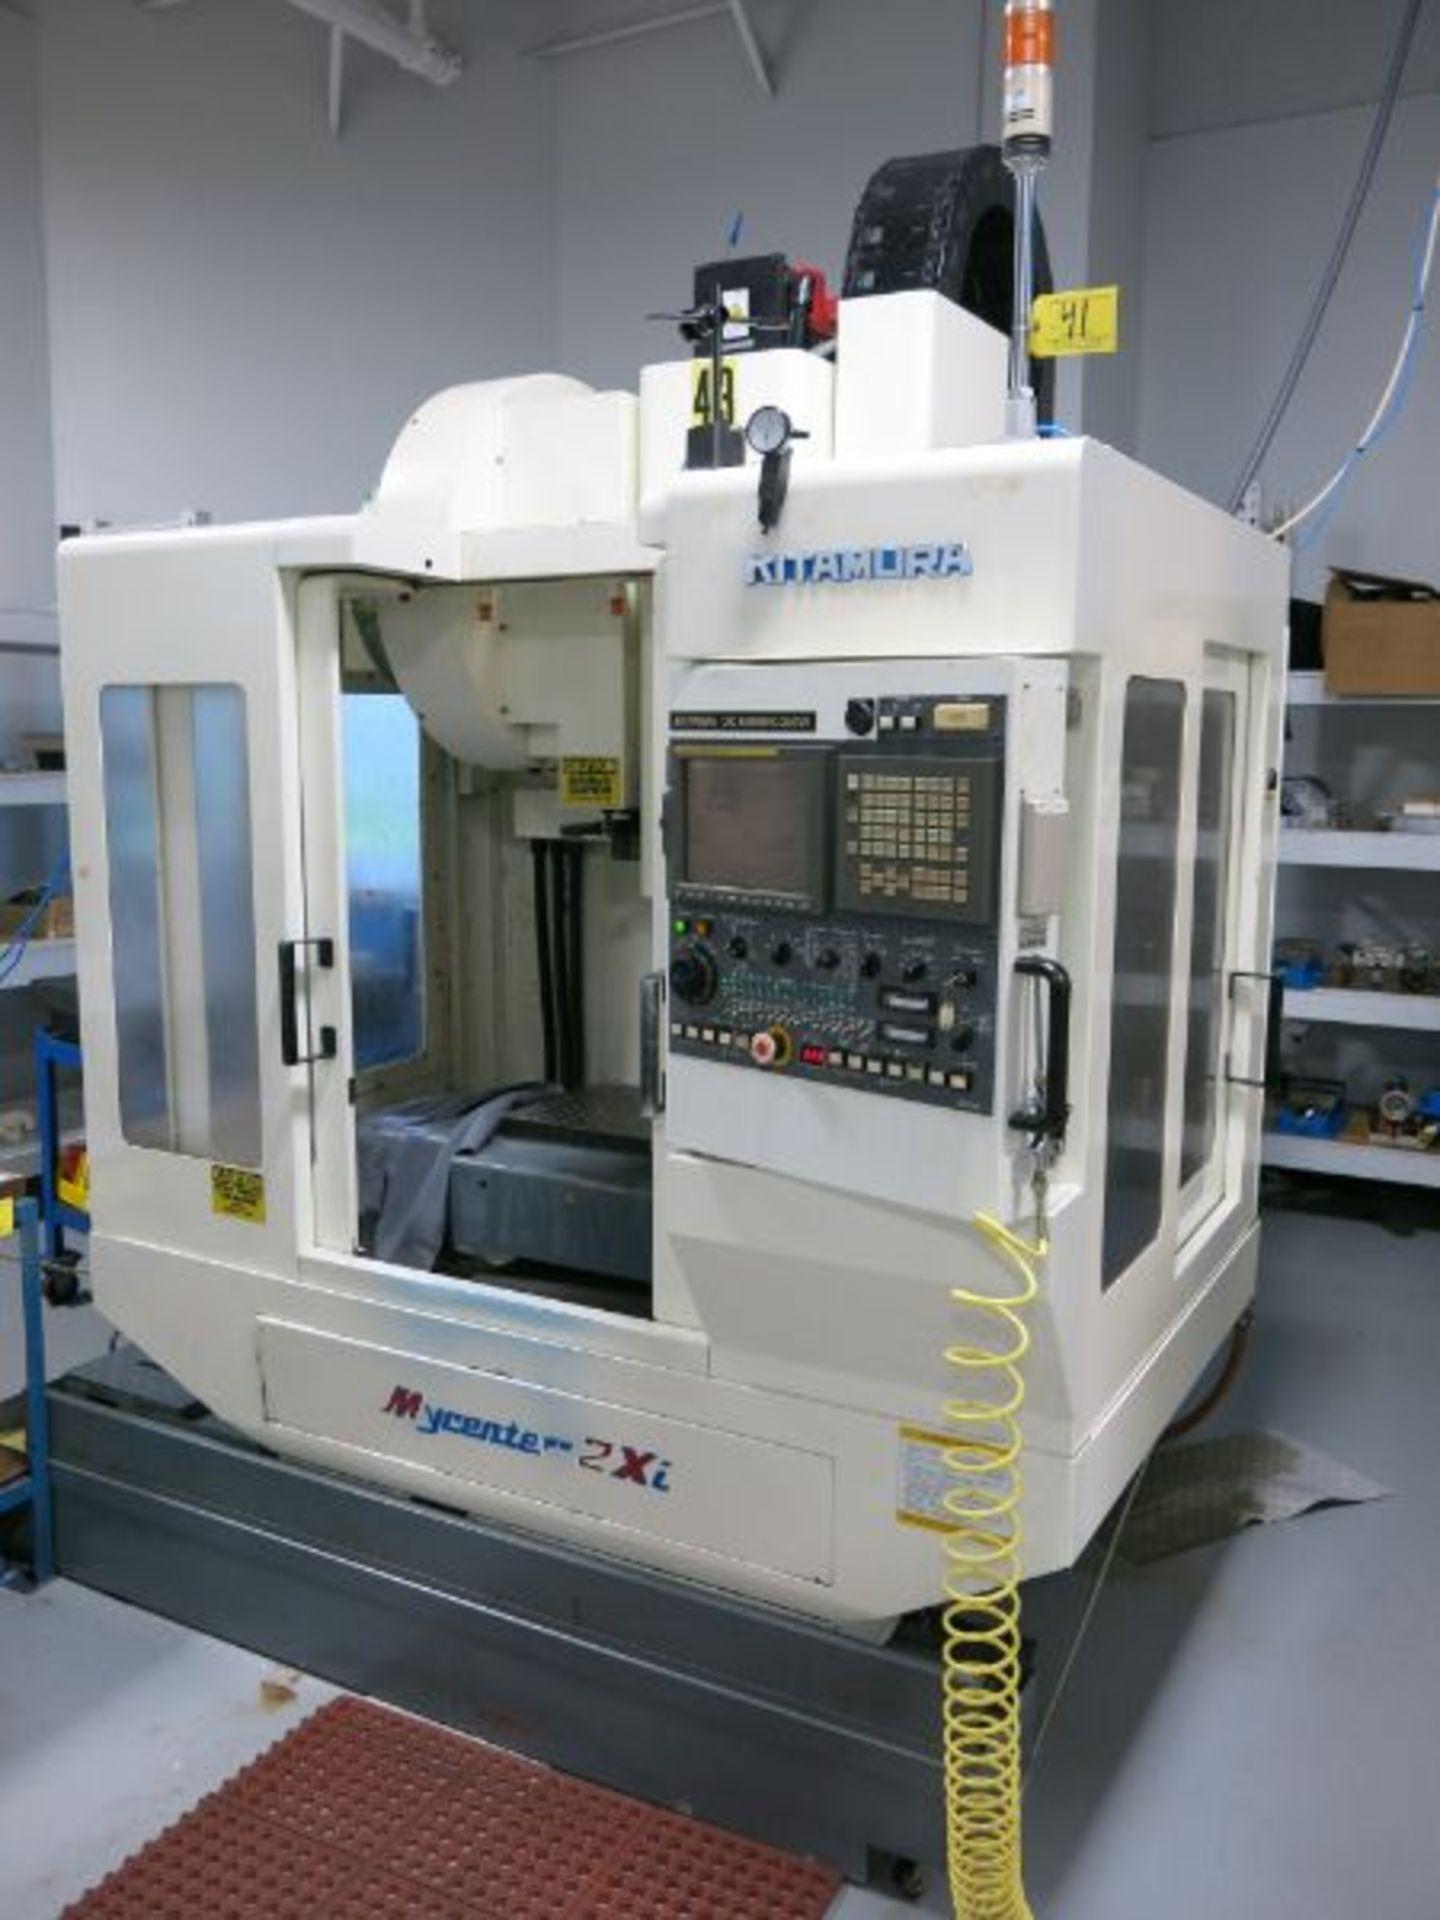 2001 Kitamura Mycenter 2XI CNC VMC